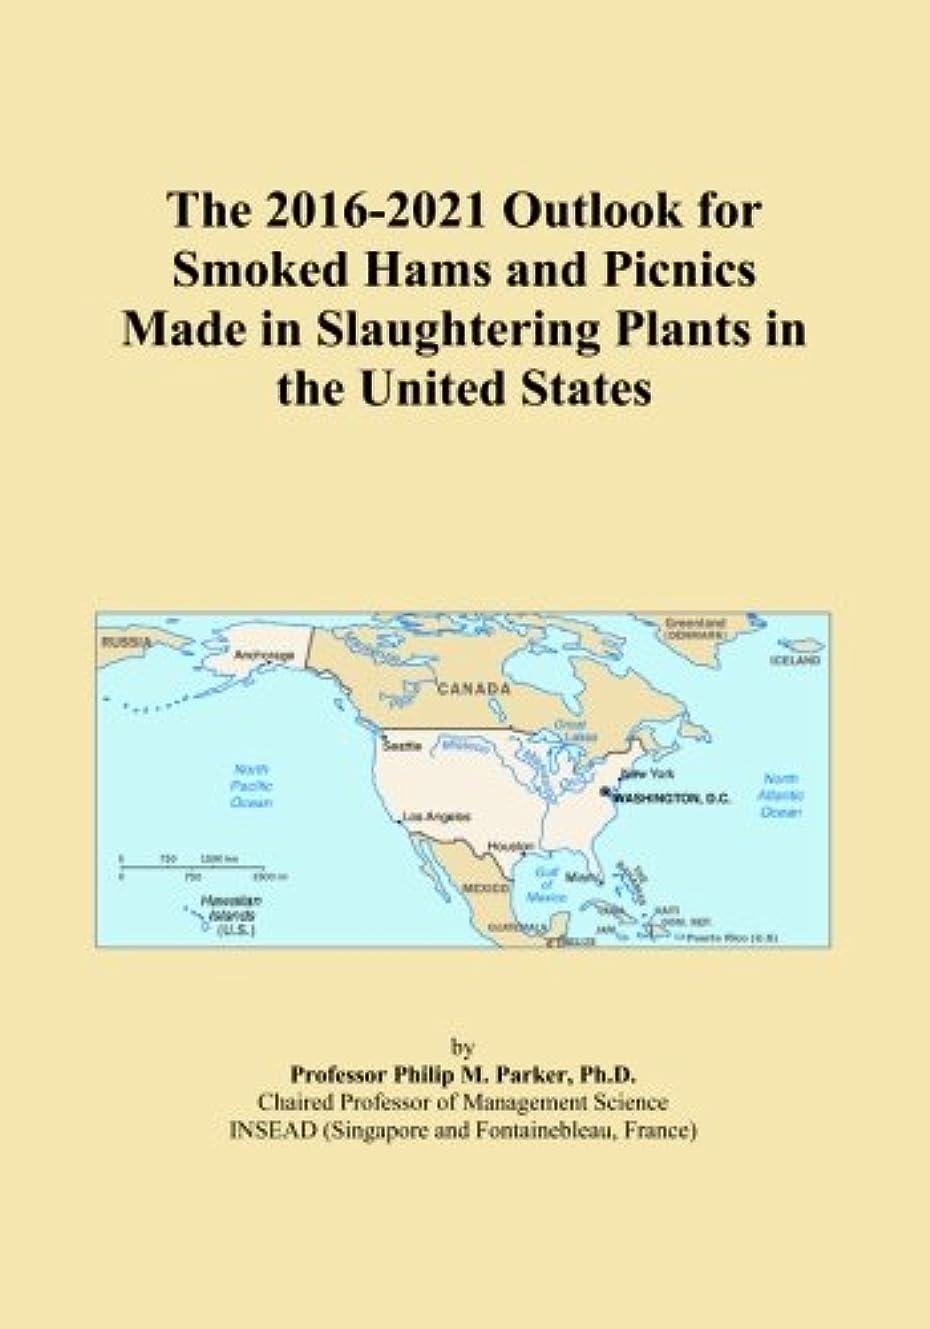 やさしい疑い者咳The 2016-2021 Outlook for Smoked Hams and Picnics Made in Slaughtering Plants in the United States